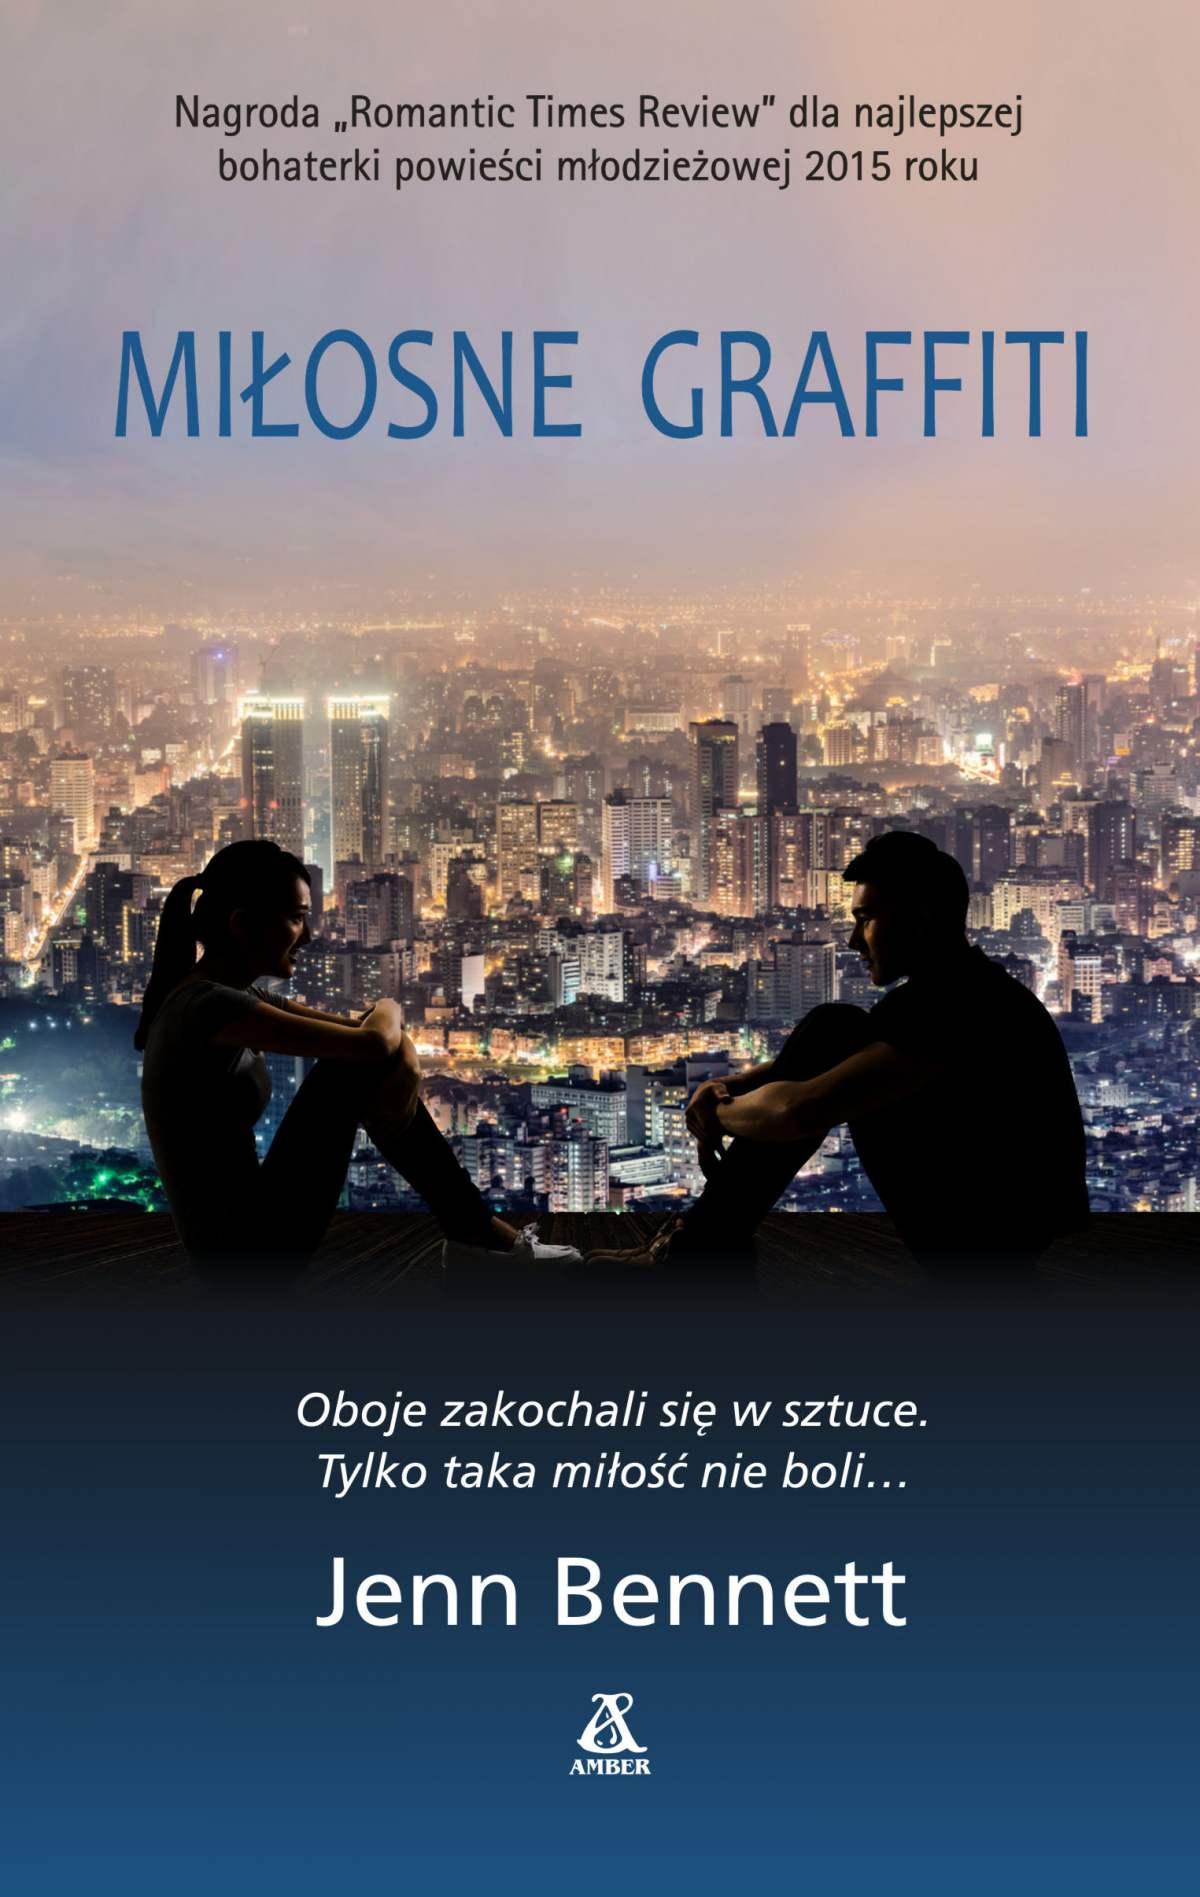 Miłosne grafiti - Ebook (Książka na Kindle) do pobrania w formacie MOBI